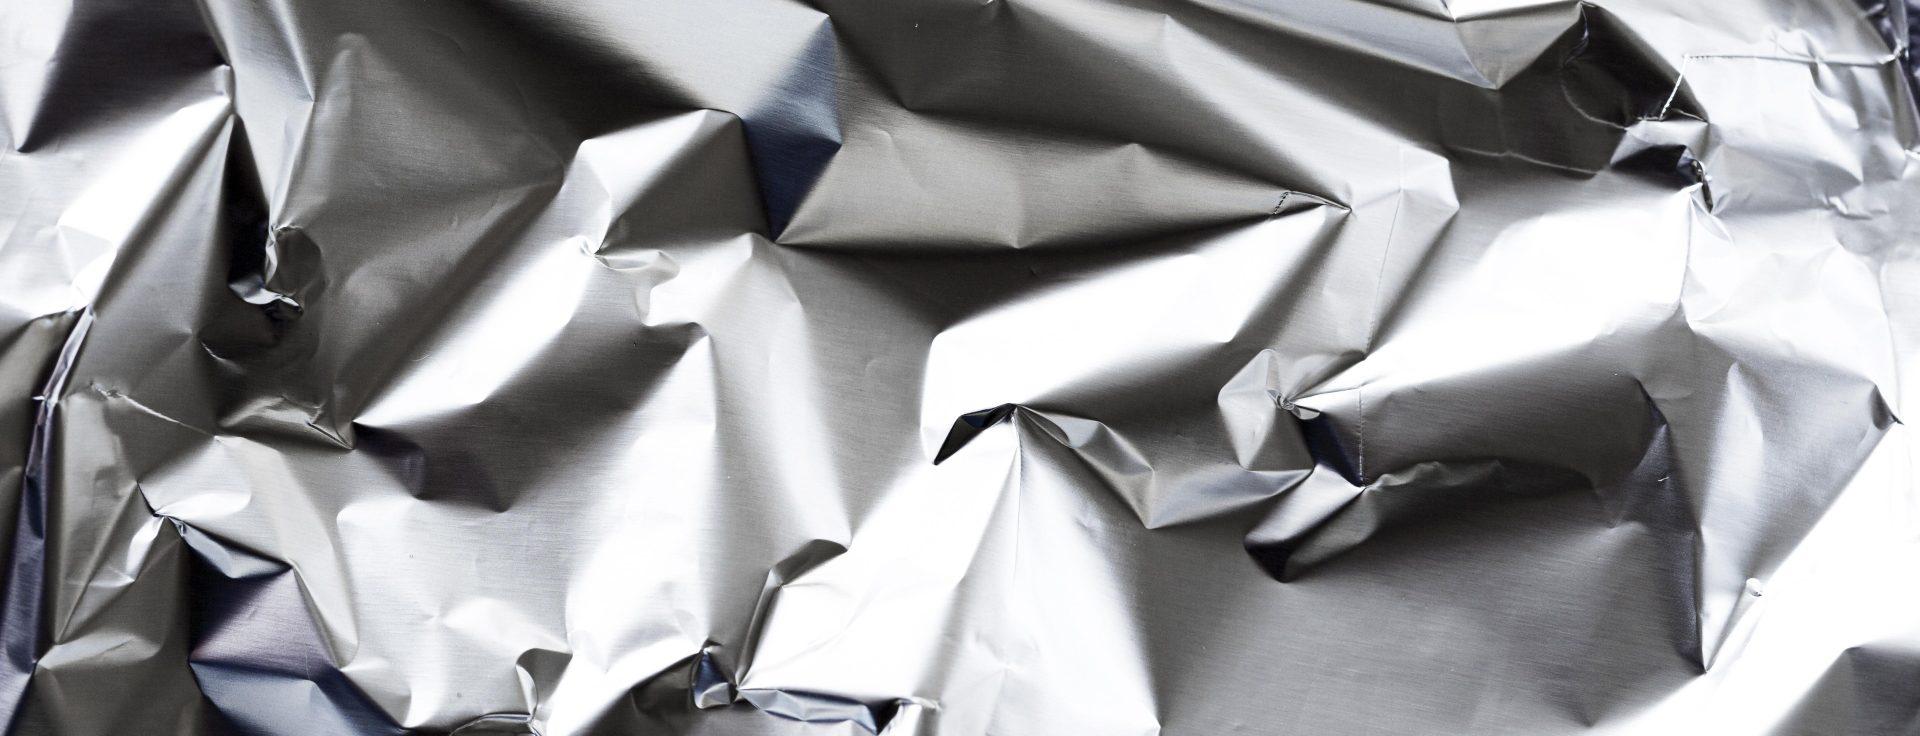 Alluminio: problemi e soluzioni in fresatura